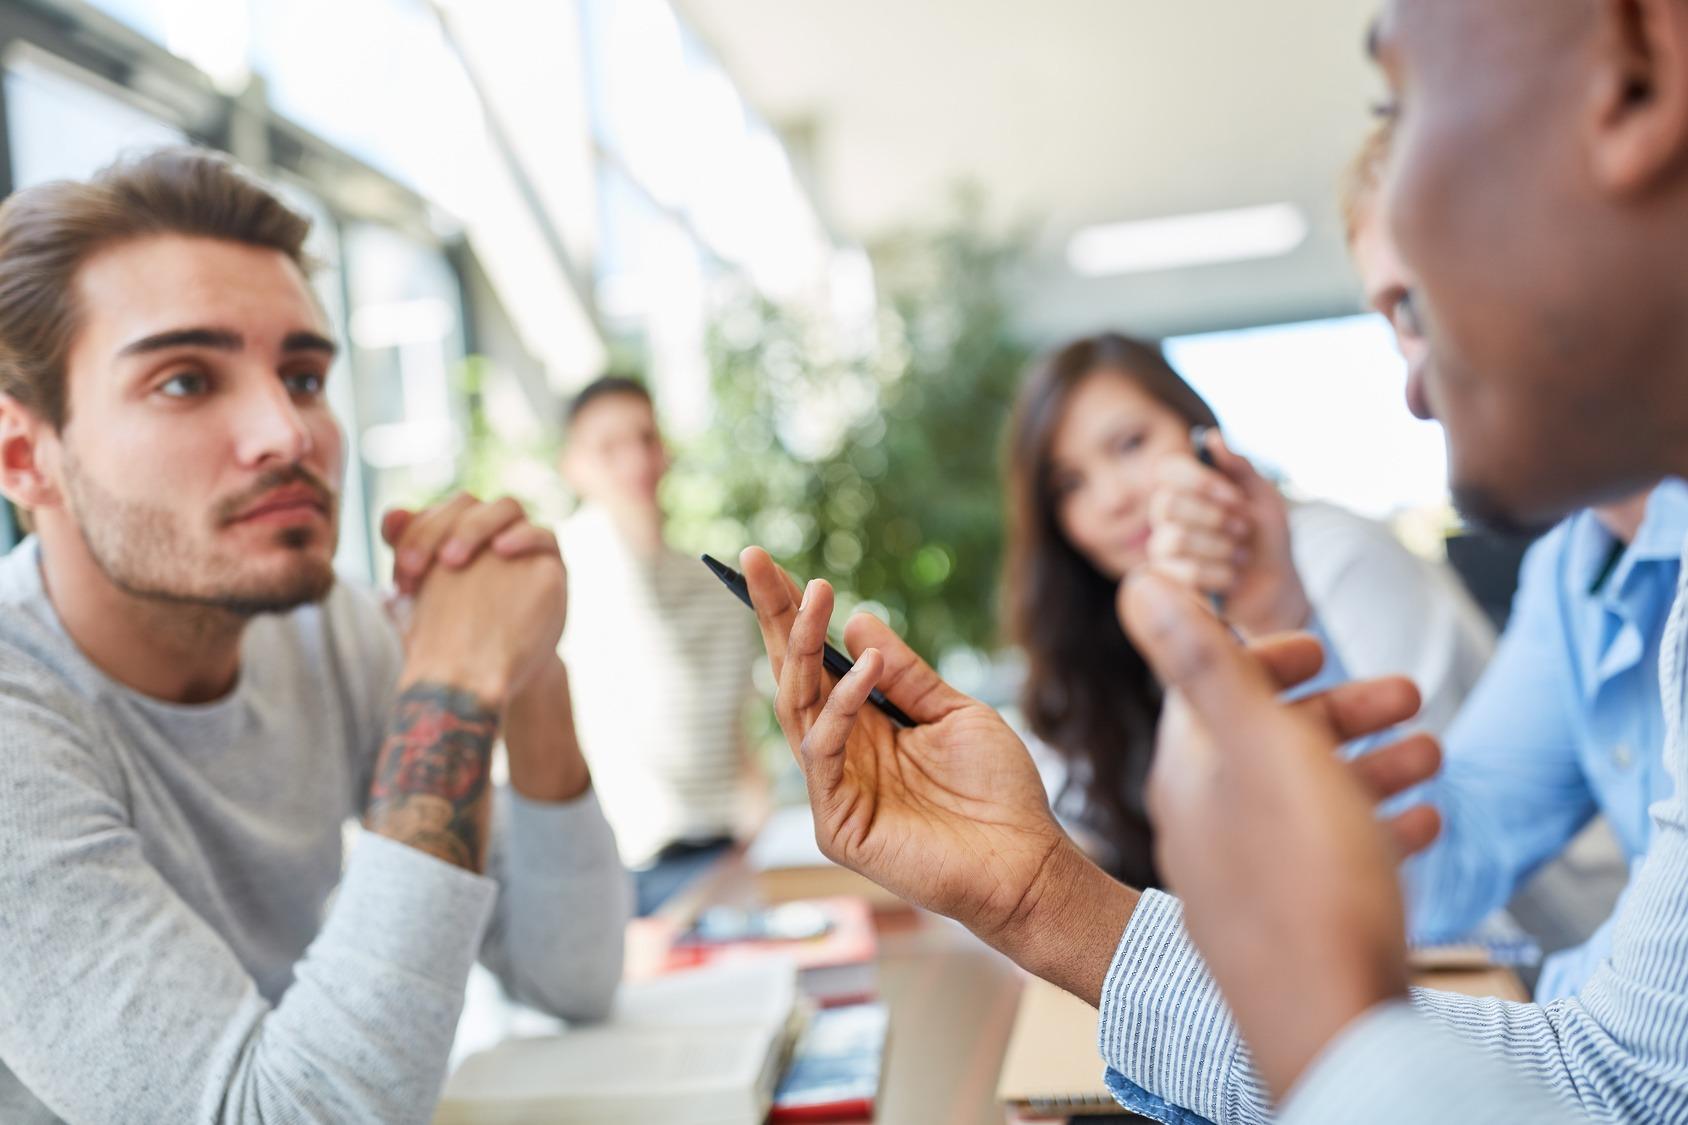 Studentengruppe lernt und diskutiert zusammen in der Universität.